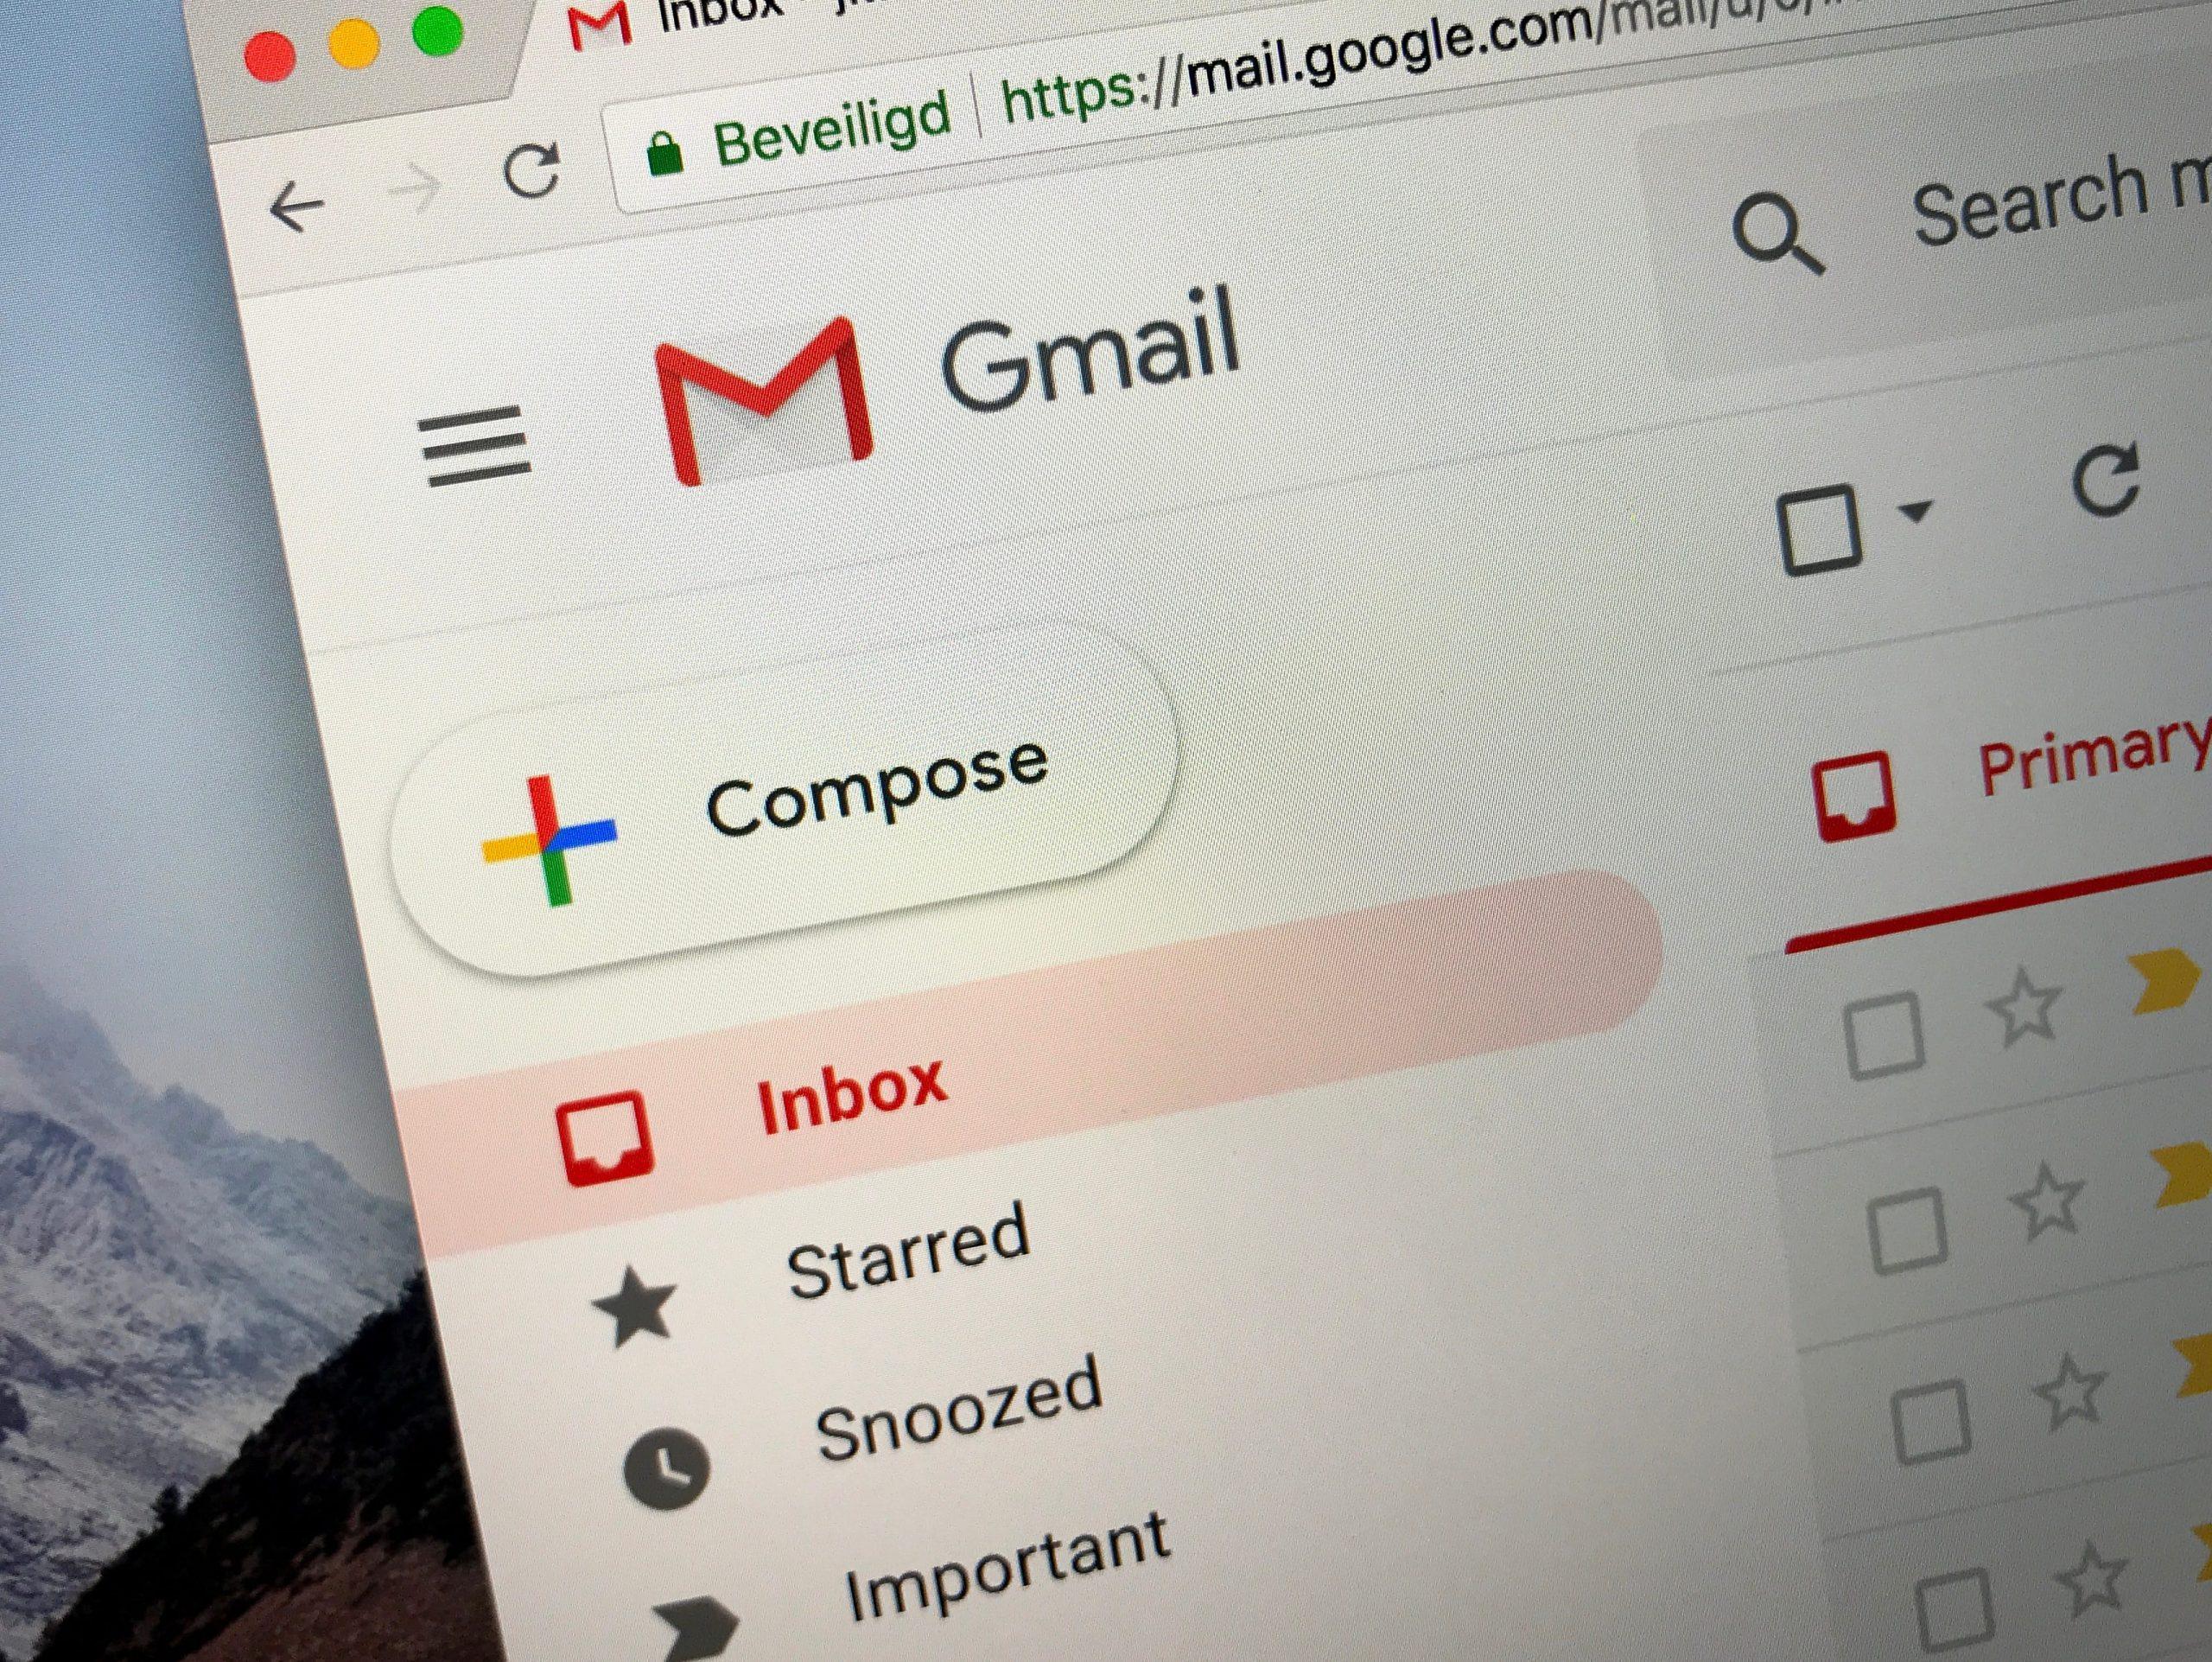 Verificación de cuentas de marca para frenar el Gmail Phishing